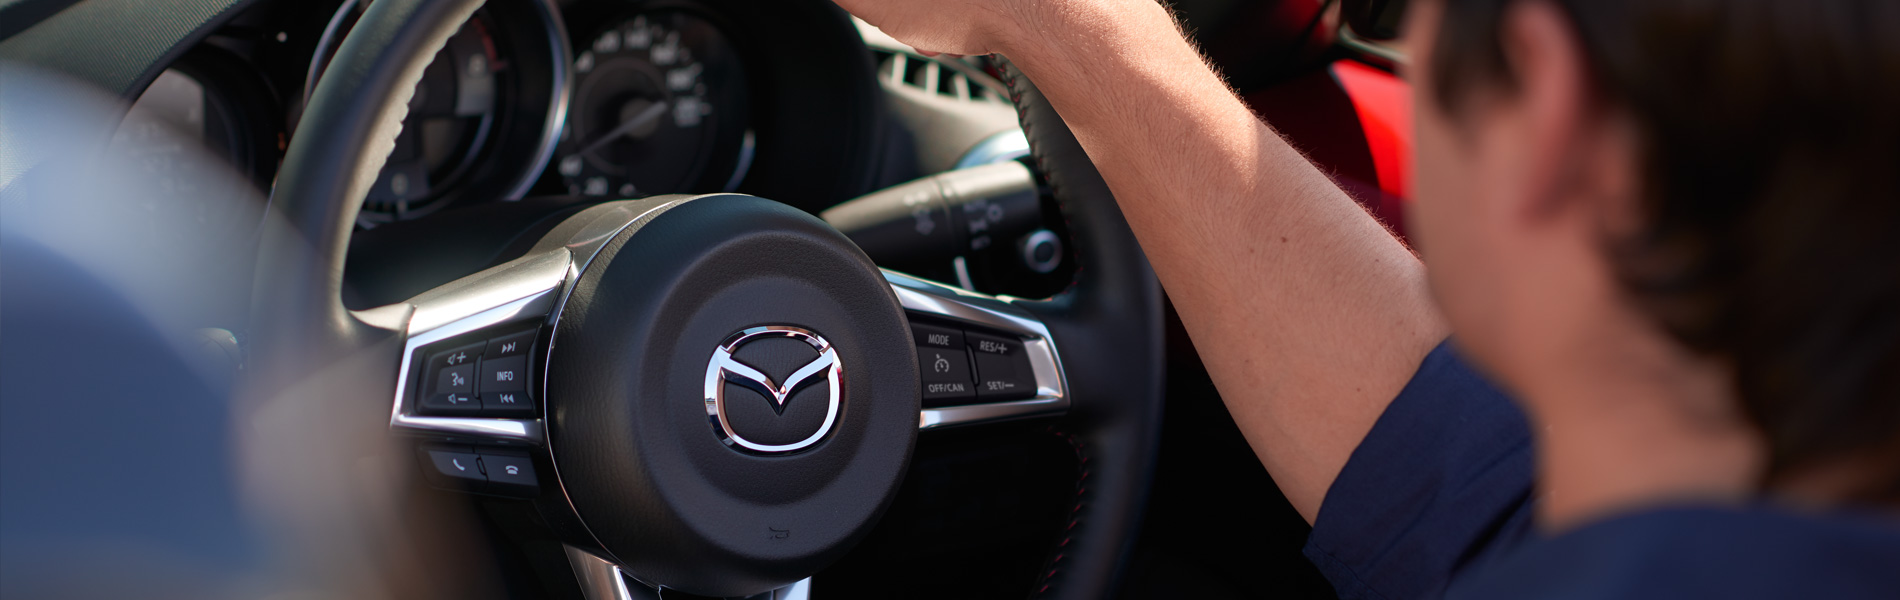 Mazda MX-5 Image 5